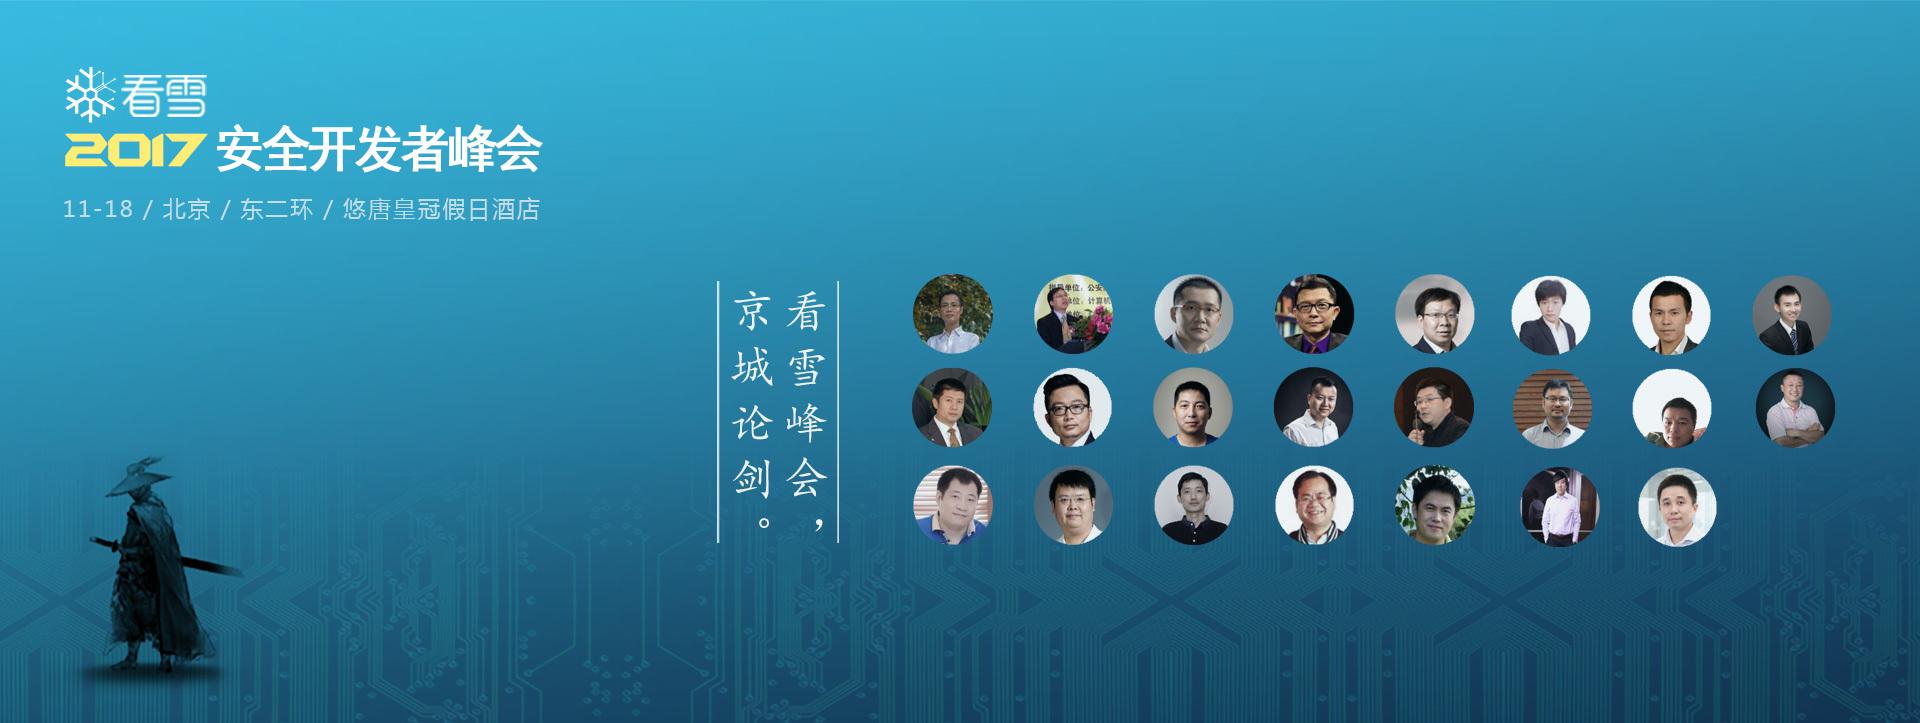 看雪 2017 安全开发者峰会